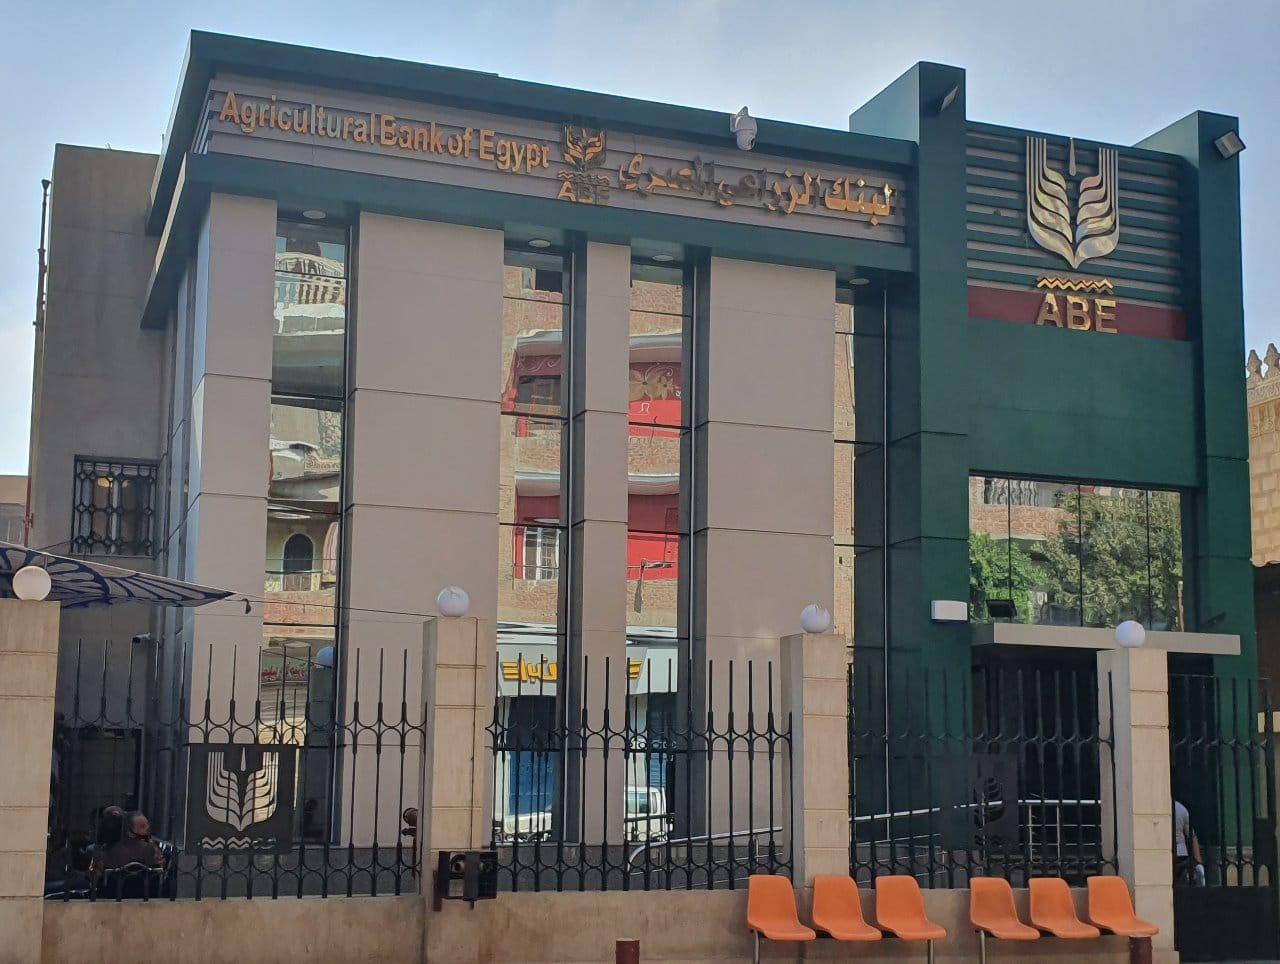 مسابقة تعيينات البنك الزراعي المصري 2021 abe.ebi.gov.eg لخريجي الجامعات والشروط والتفاصيل 9